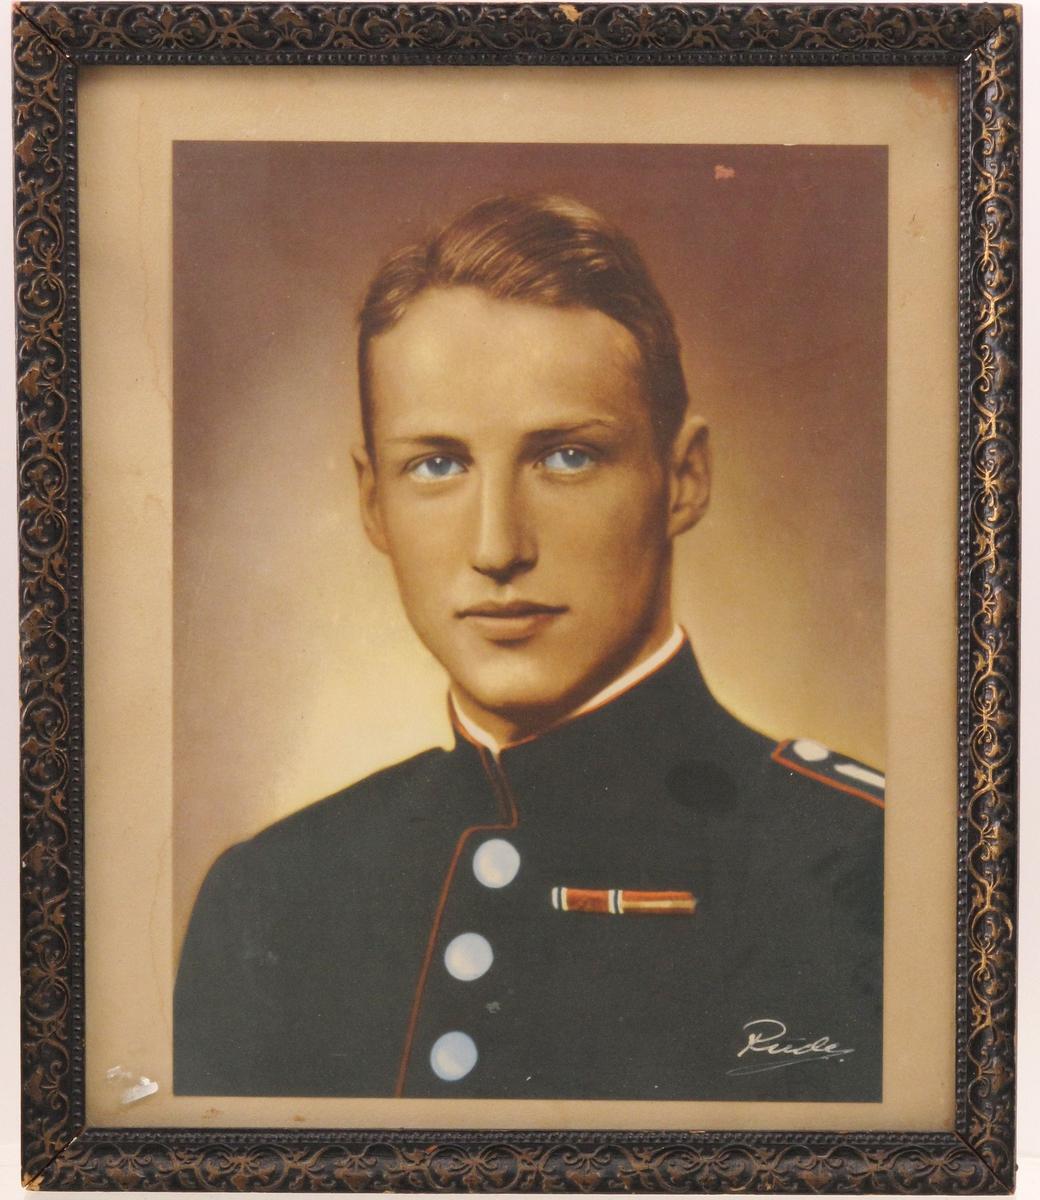 Portrett av prins (arveprins) Harald, (senere kong Harald V). Kolorert SH-fotografi. Kopiert i sepia, fargelagt uniform i blågrønt og rødt. Hvitt og blått, bl.a. øynene)